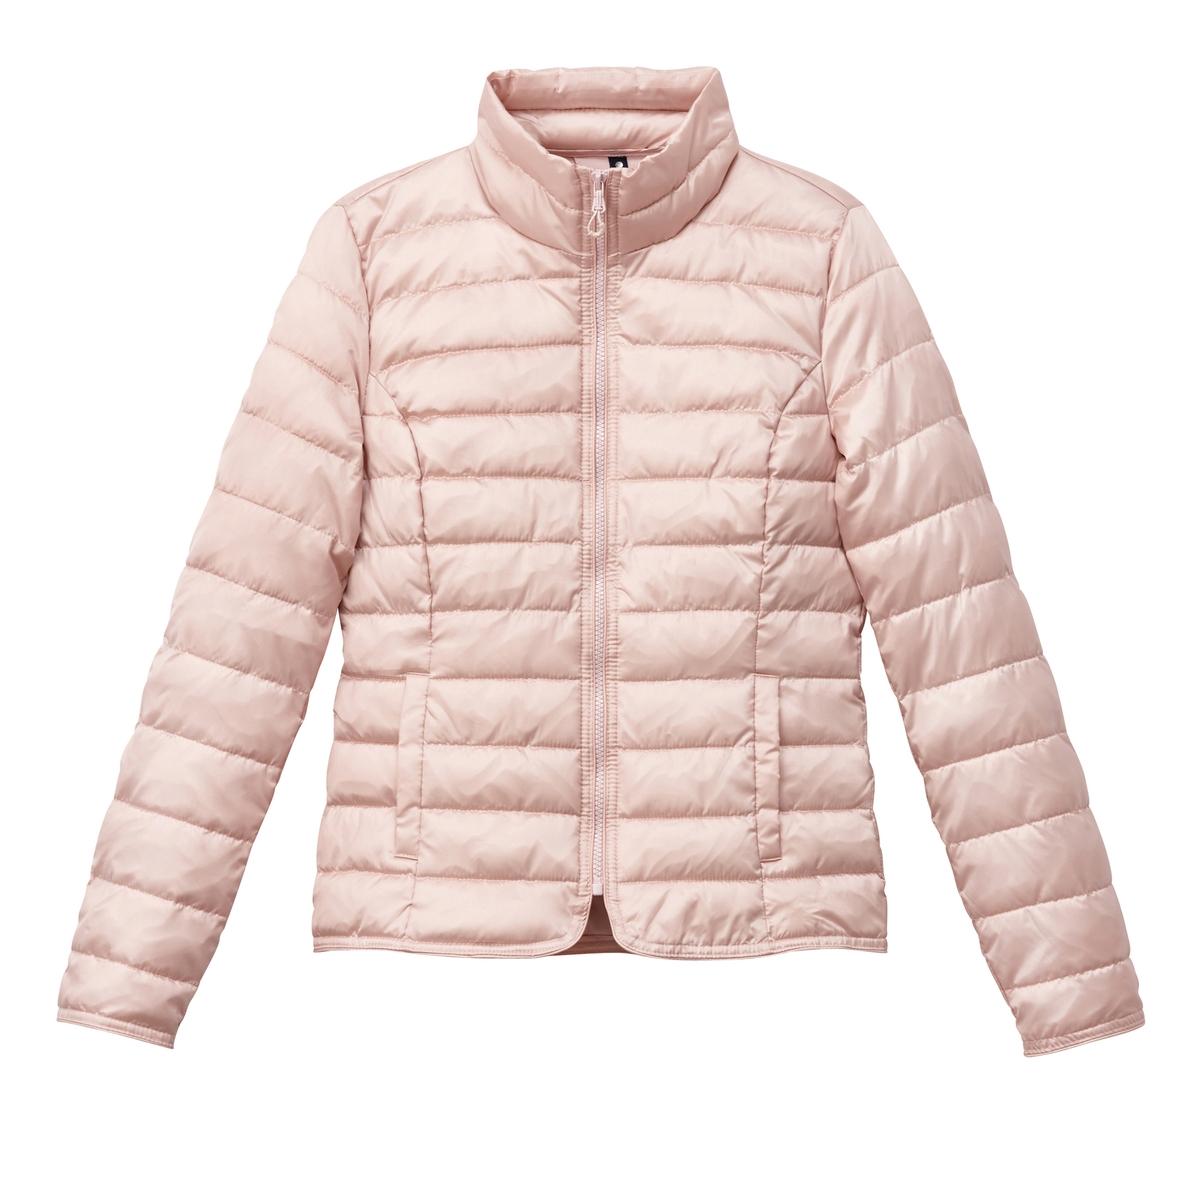 Куртка стеганая короткая демисезонная с застежкой на молнию